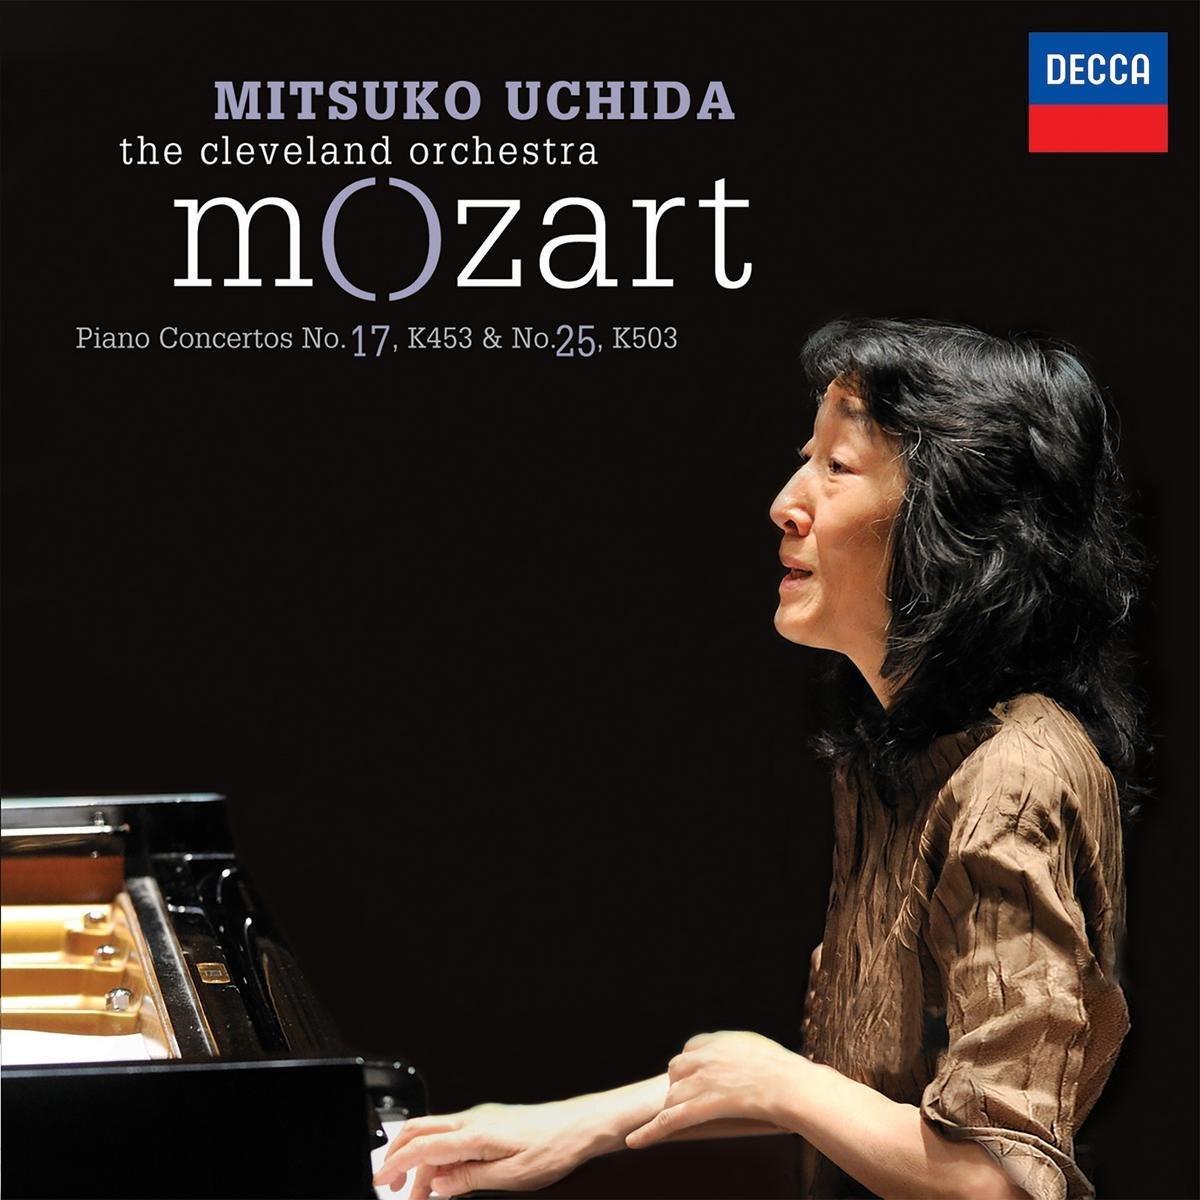 Mitsuko Uchida Mozart Piano Concertos